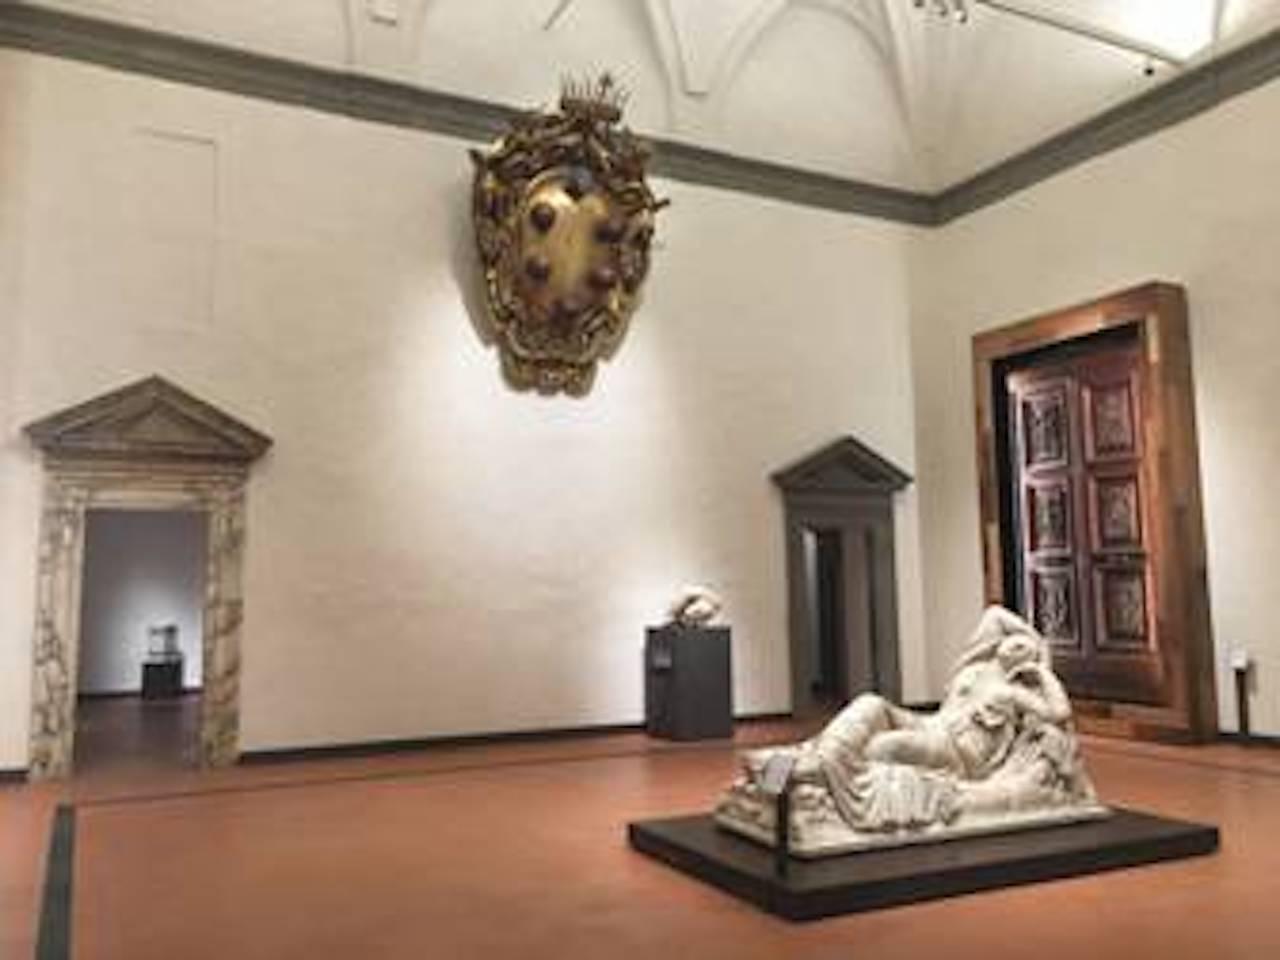 Gallerie degli Uffizi, Sala dell'Arianna dormiente